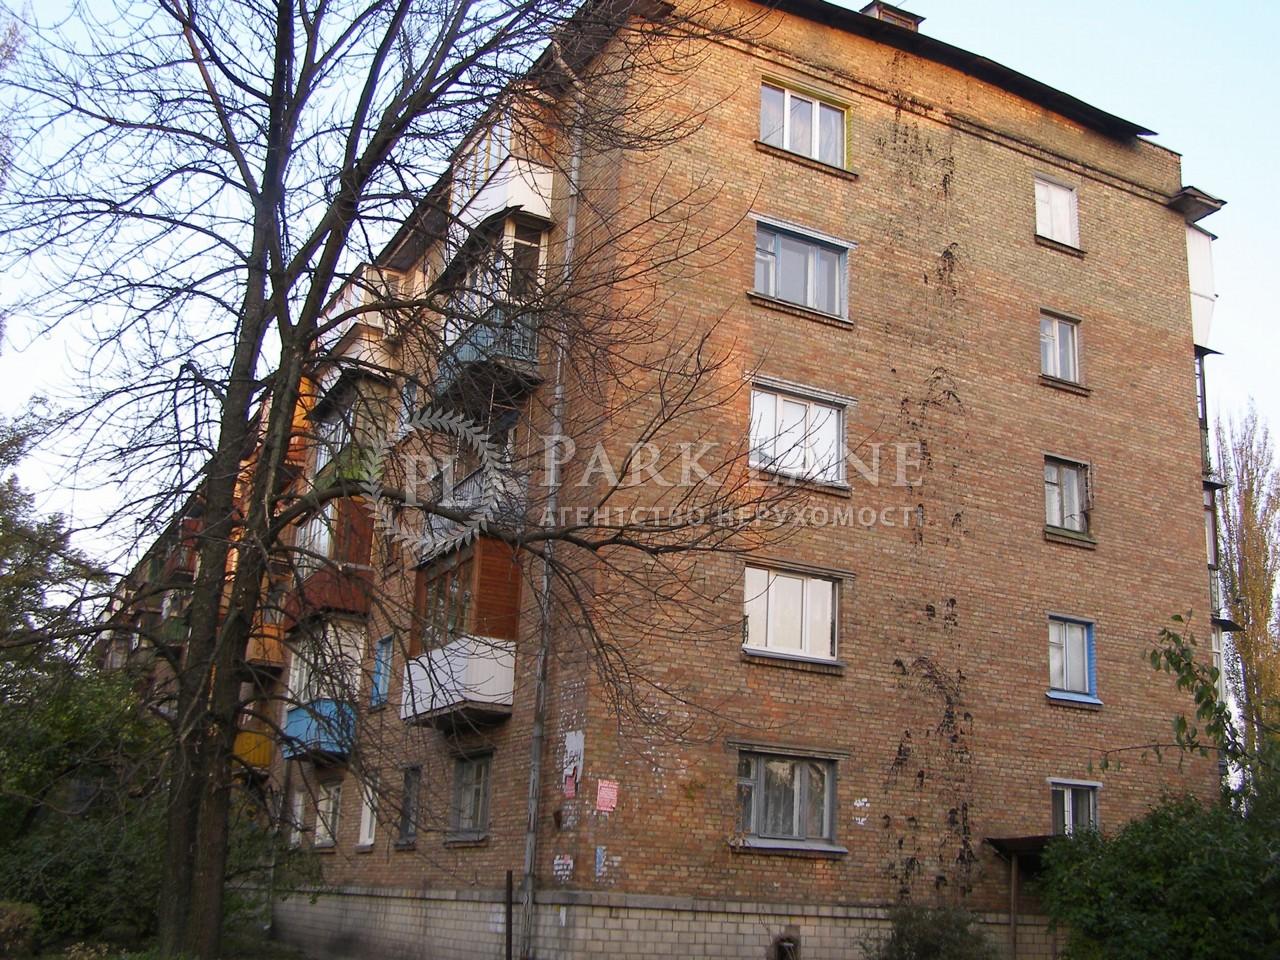 Квартира ул. Алма-Атинская, 56, Киев, Z-806234 - Фото 2